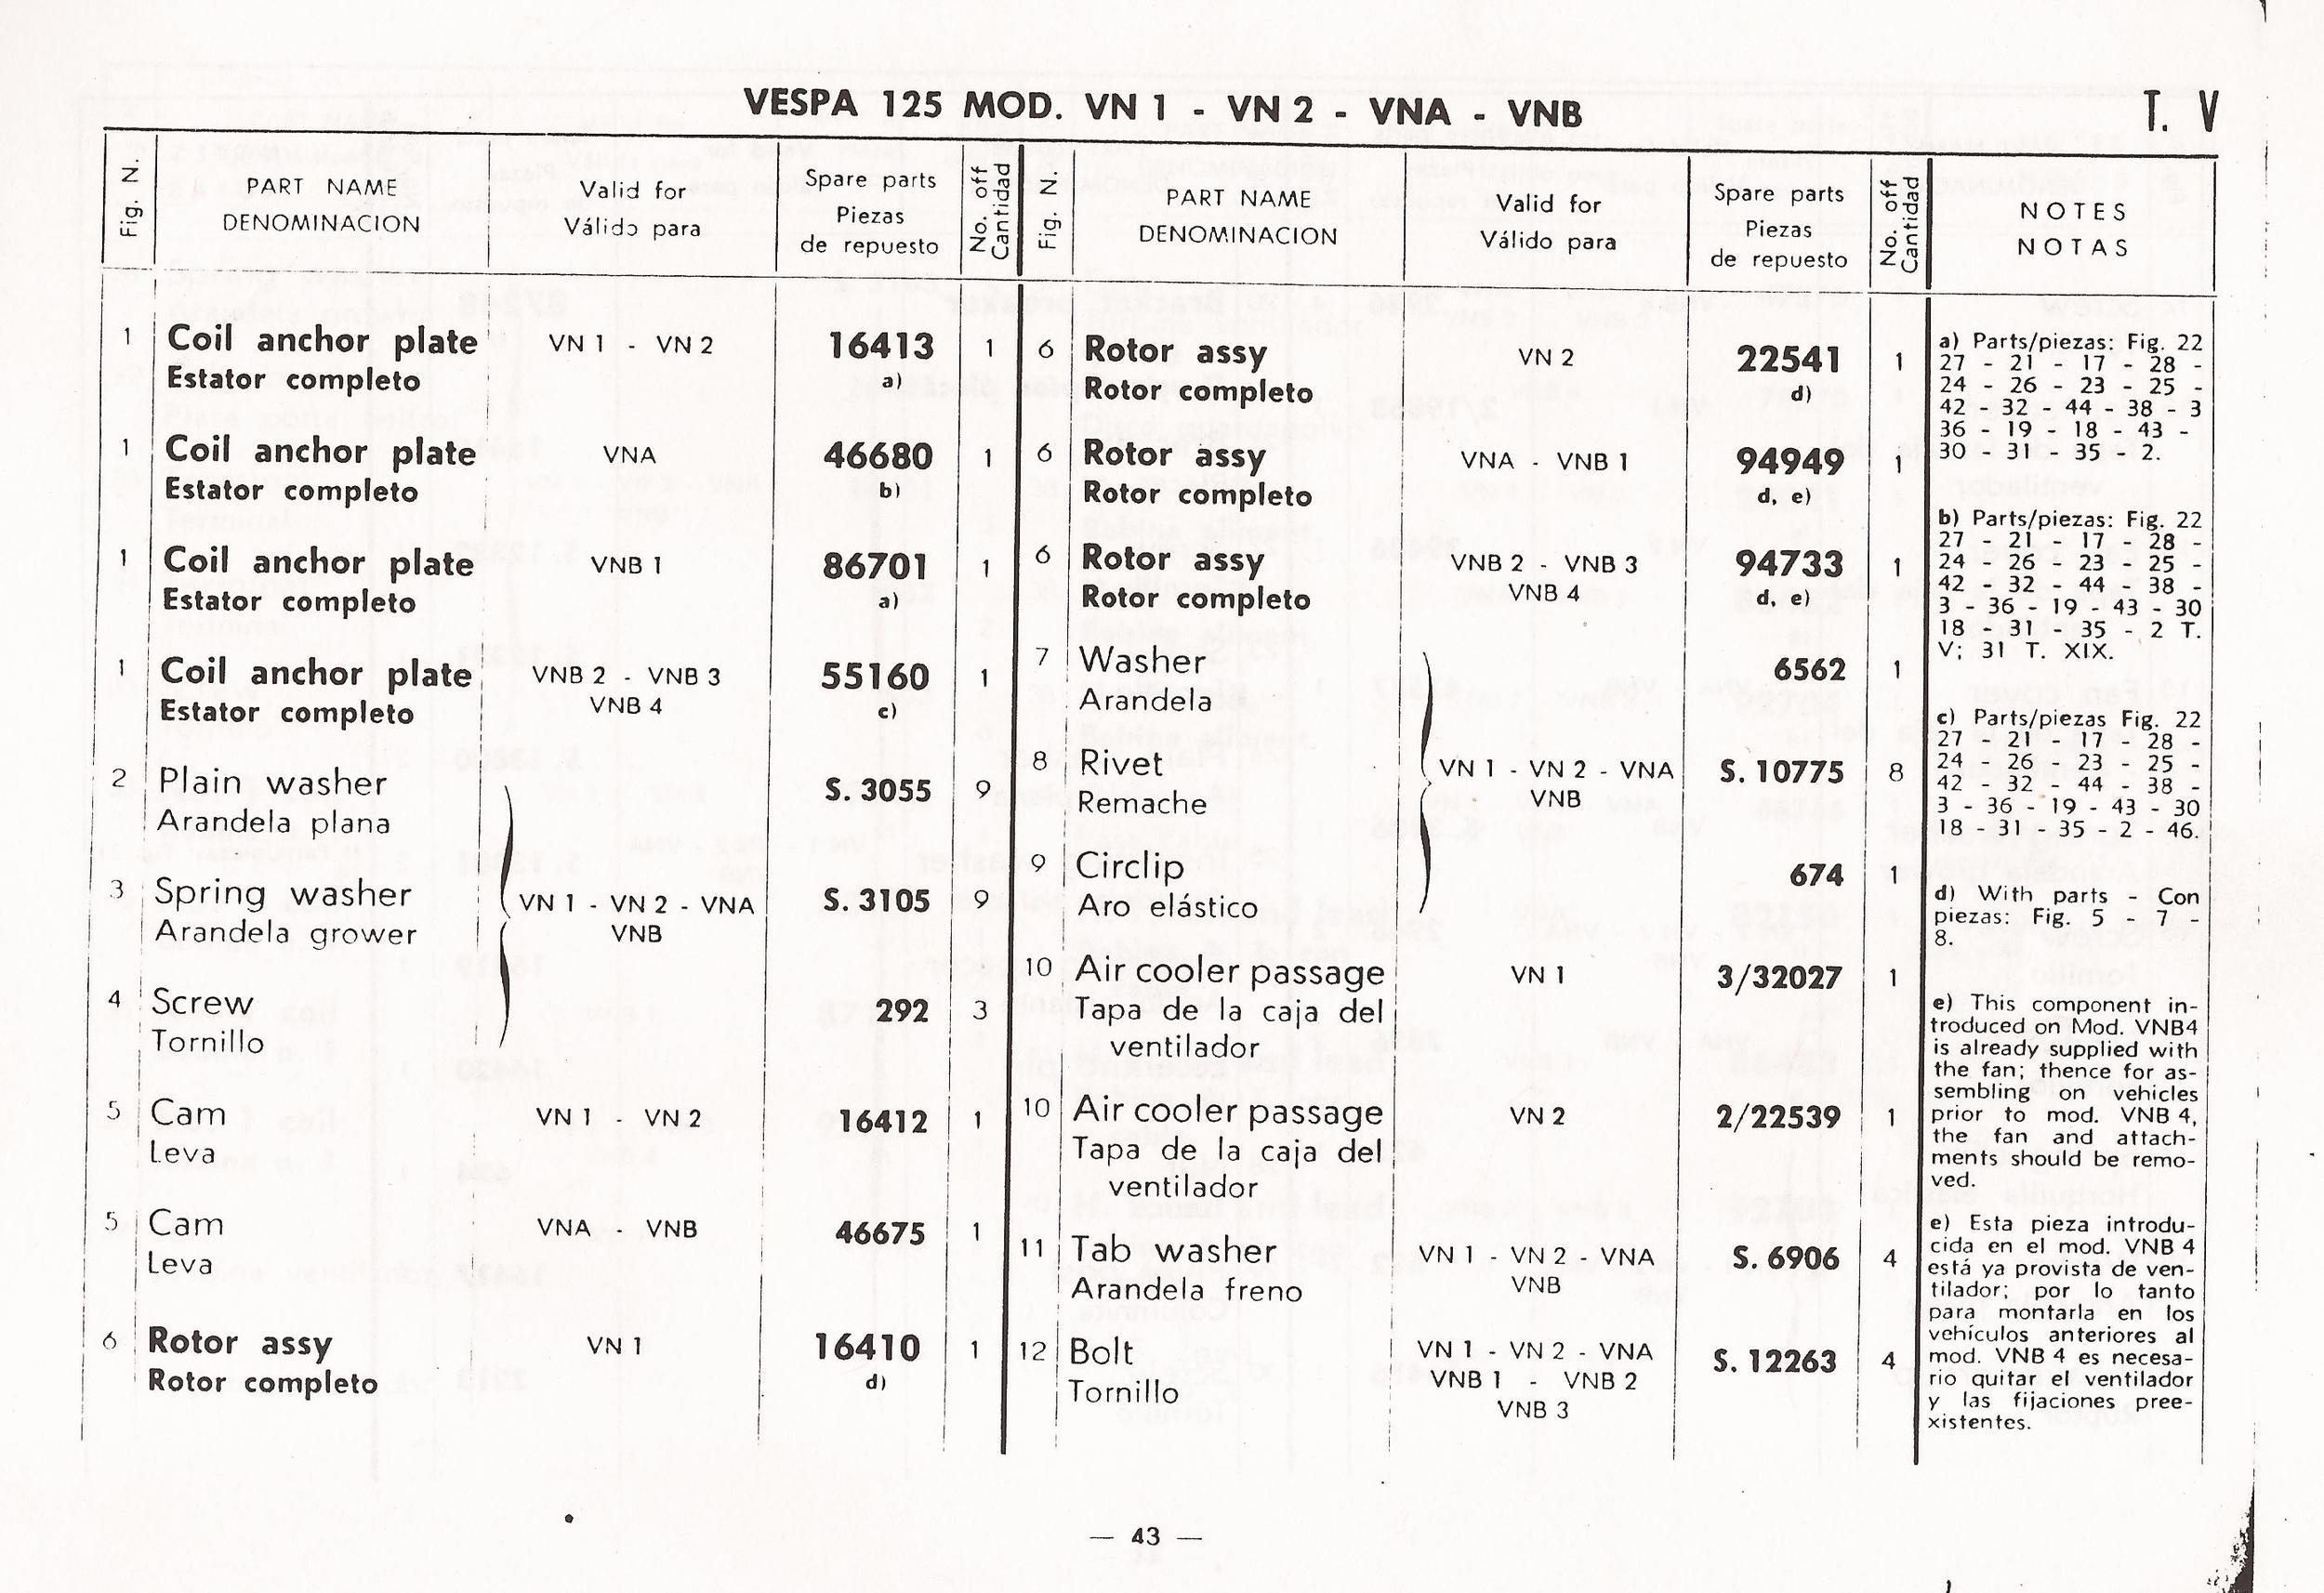 07-16-2013 vespa 125 catalog manuel 47.jpg